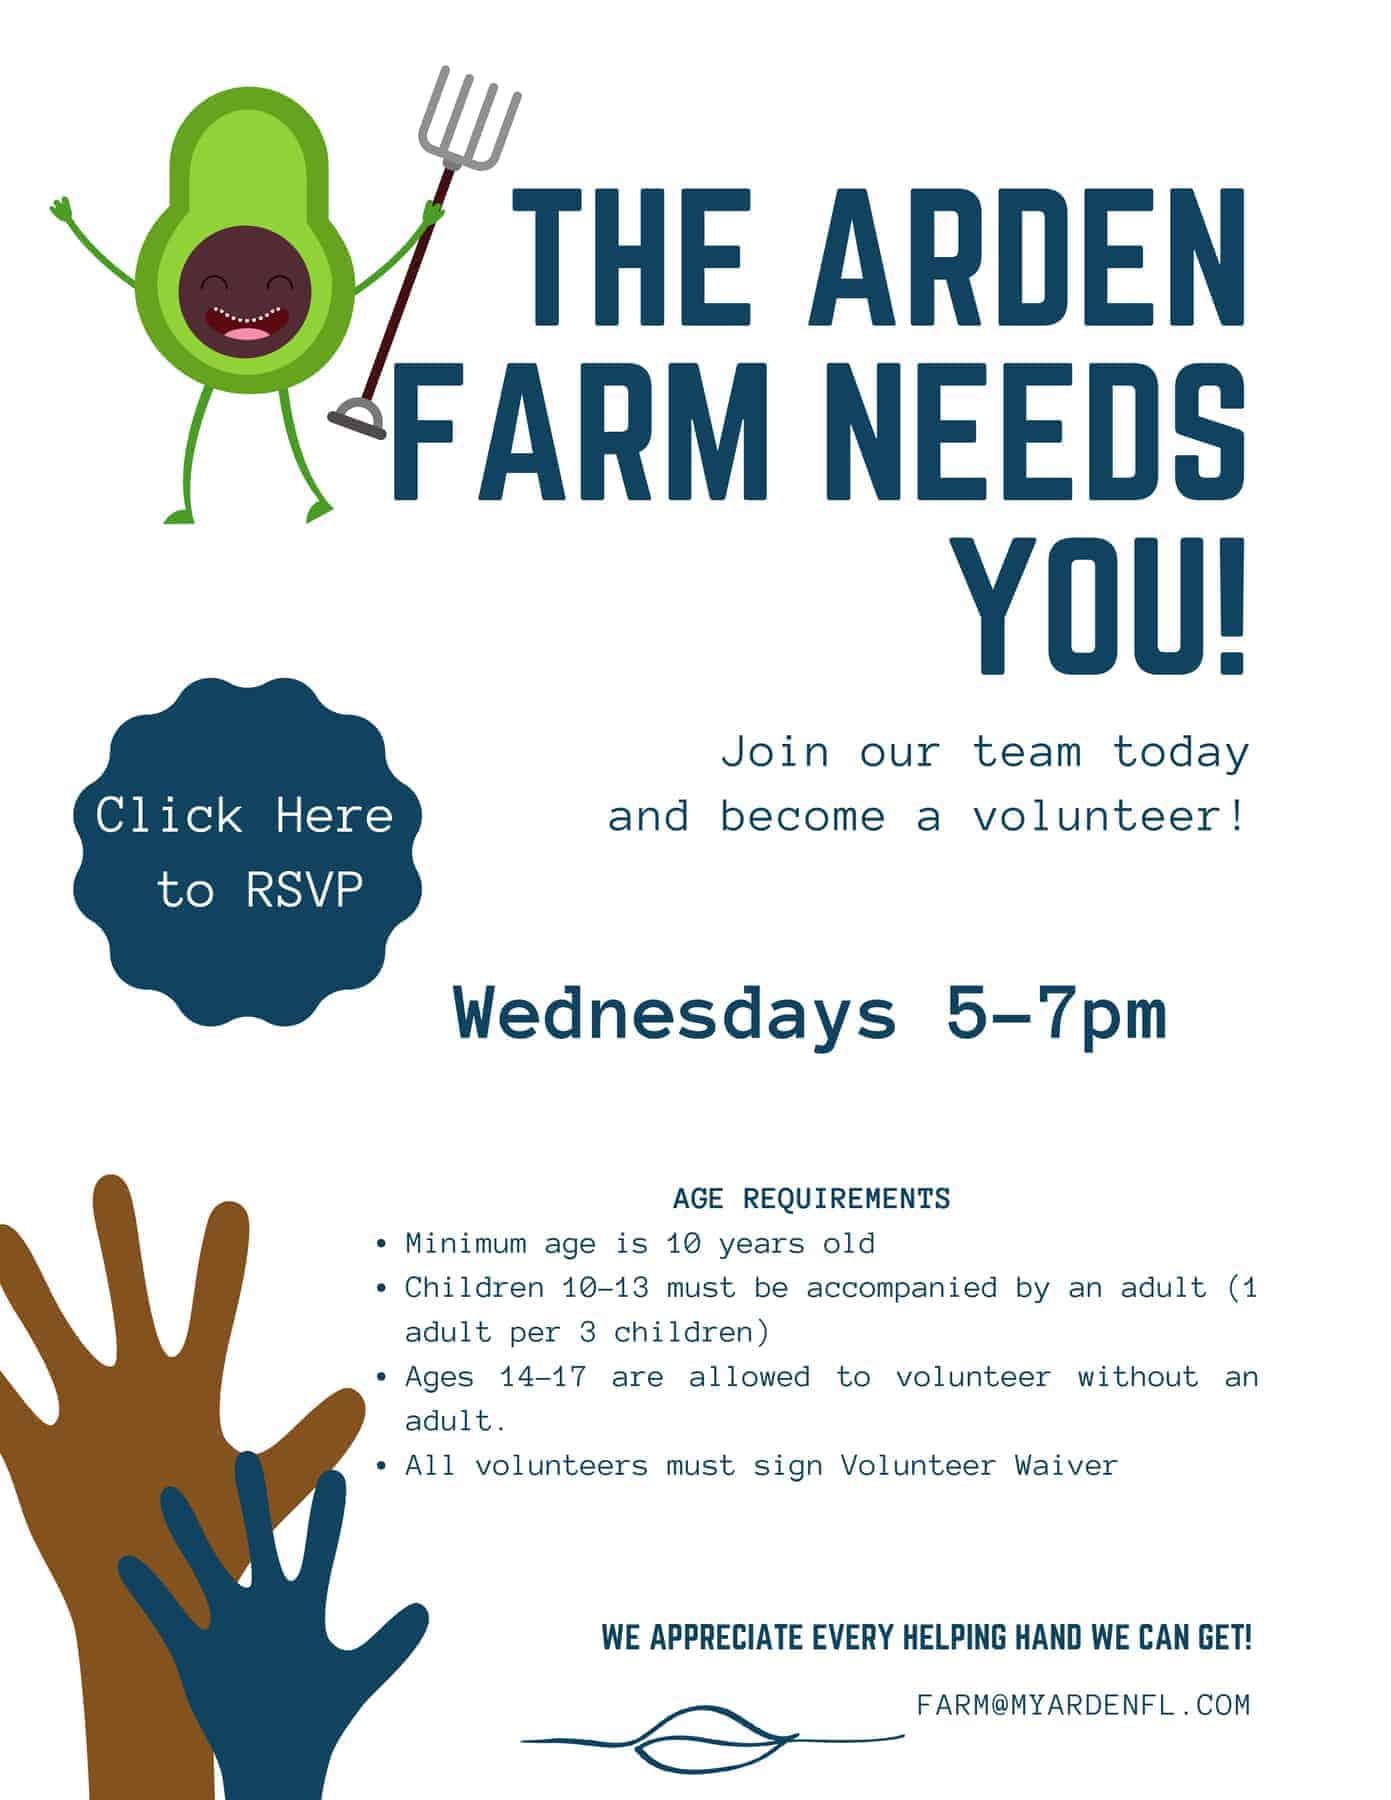 The Arden Farm Needs You